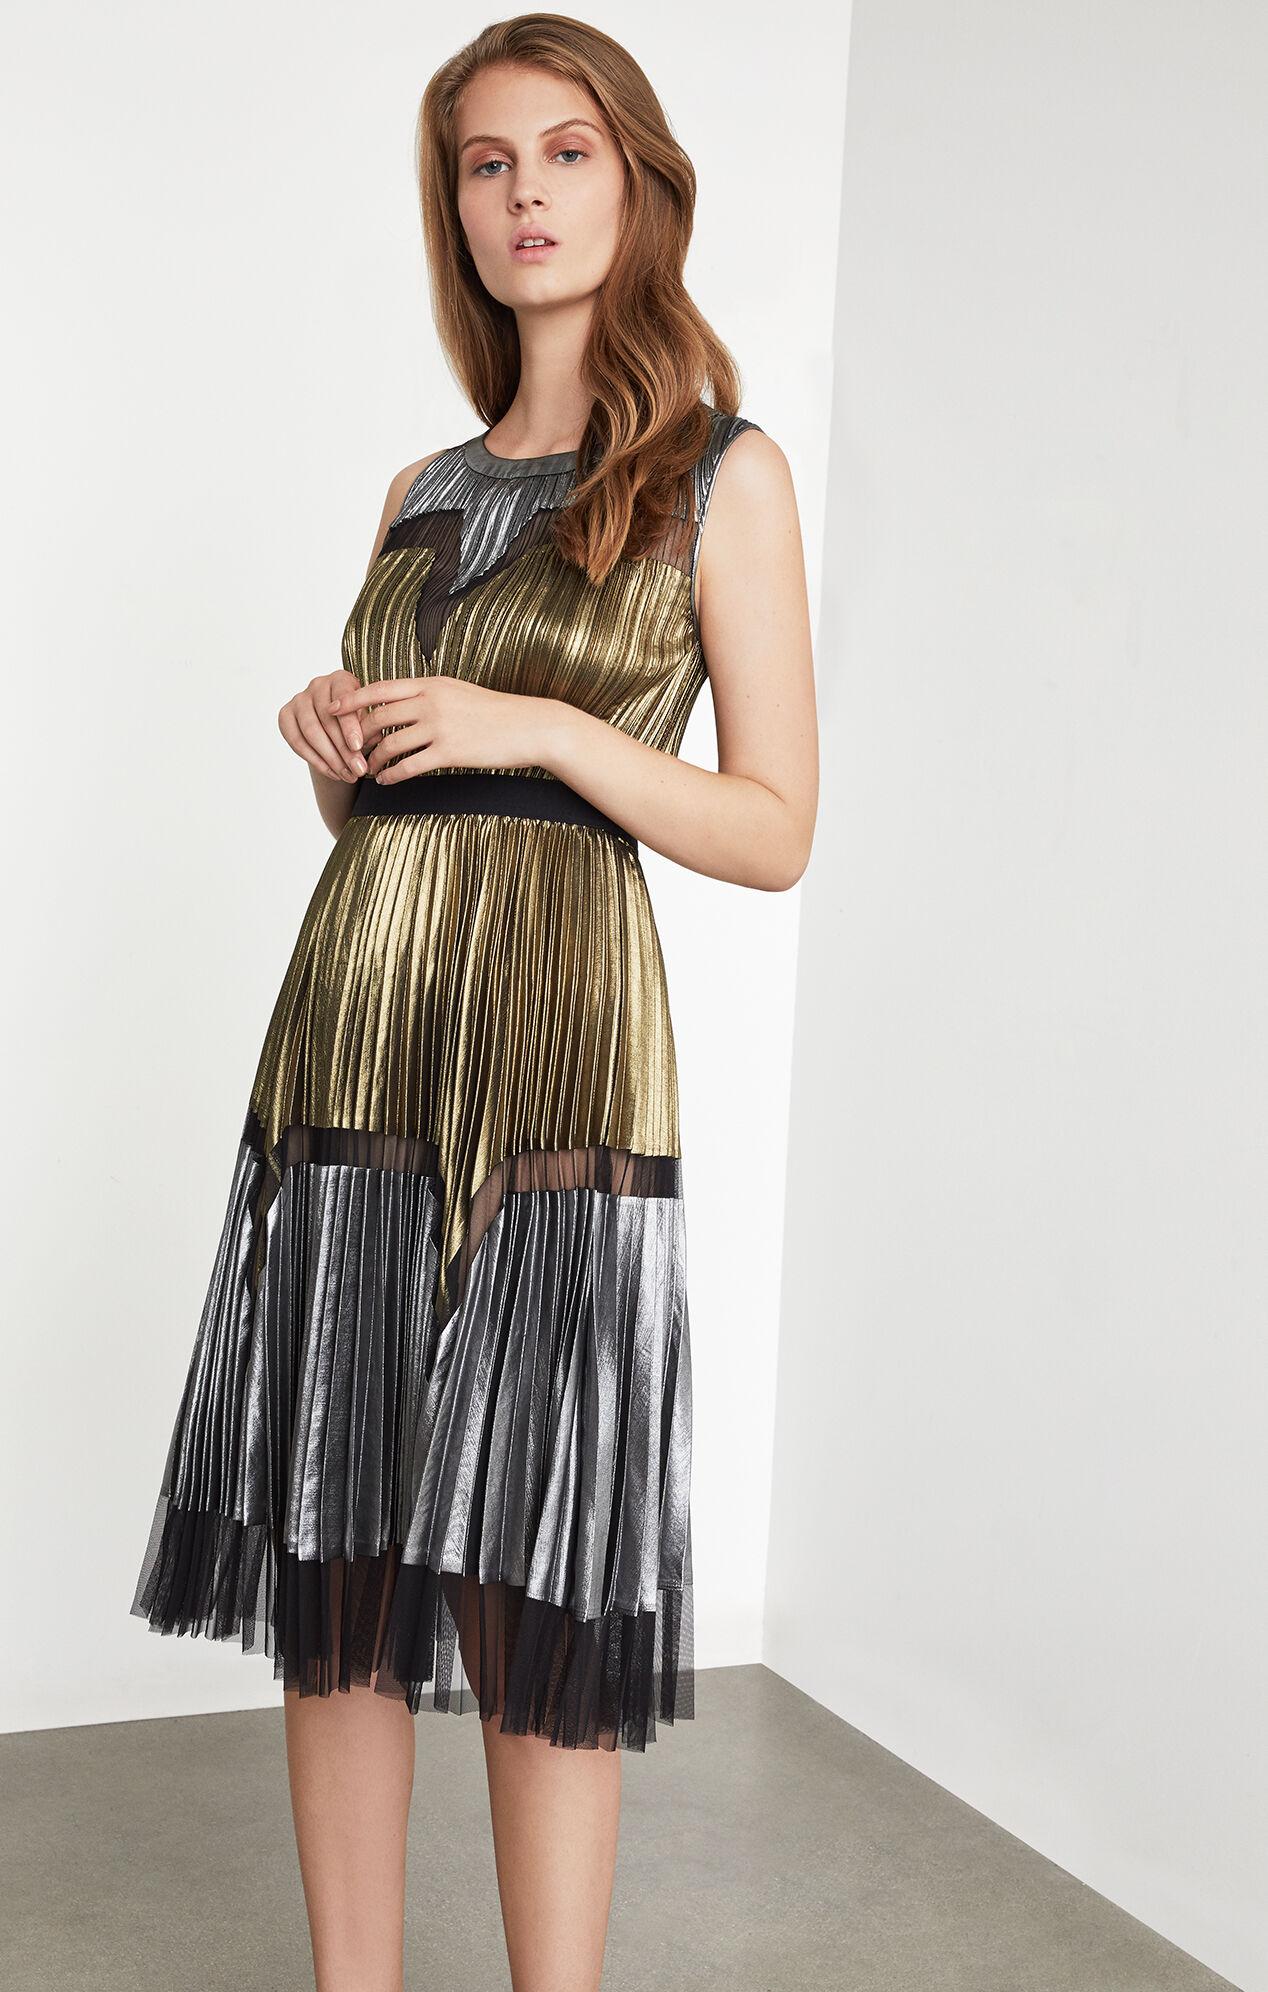 Lucea Pleated Metallic Dress